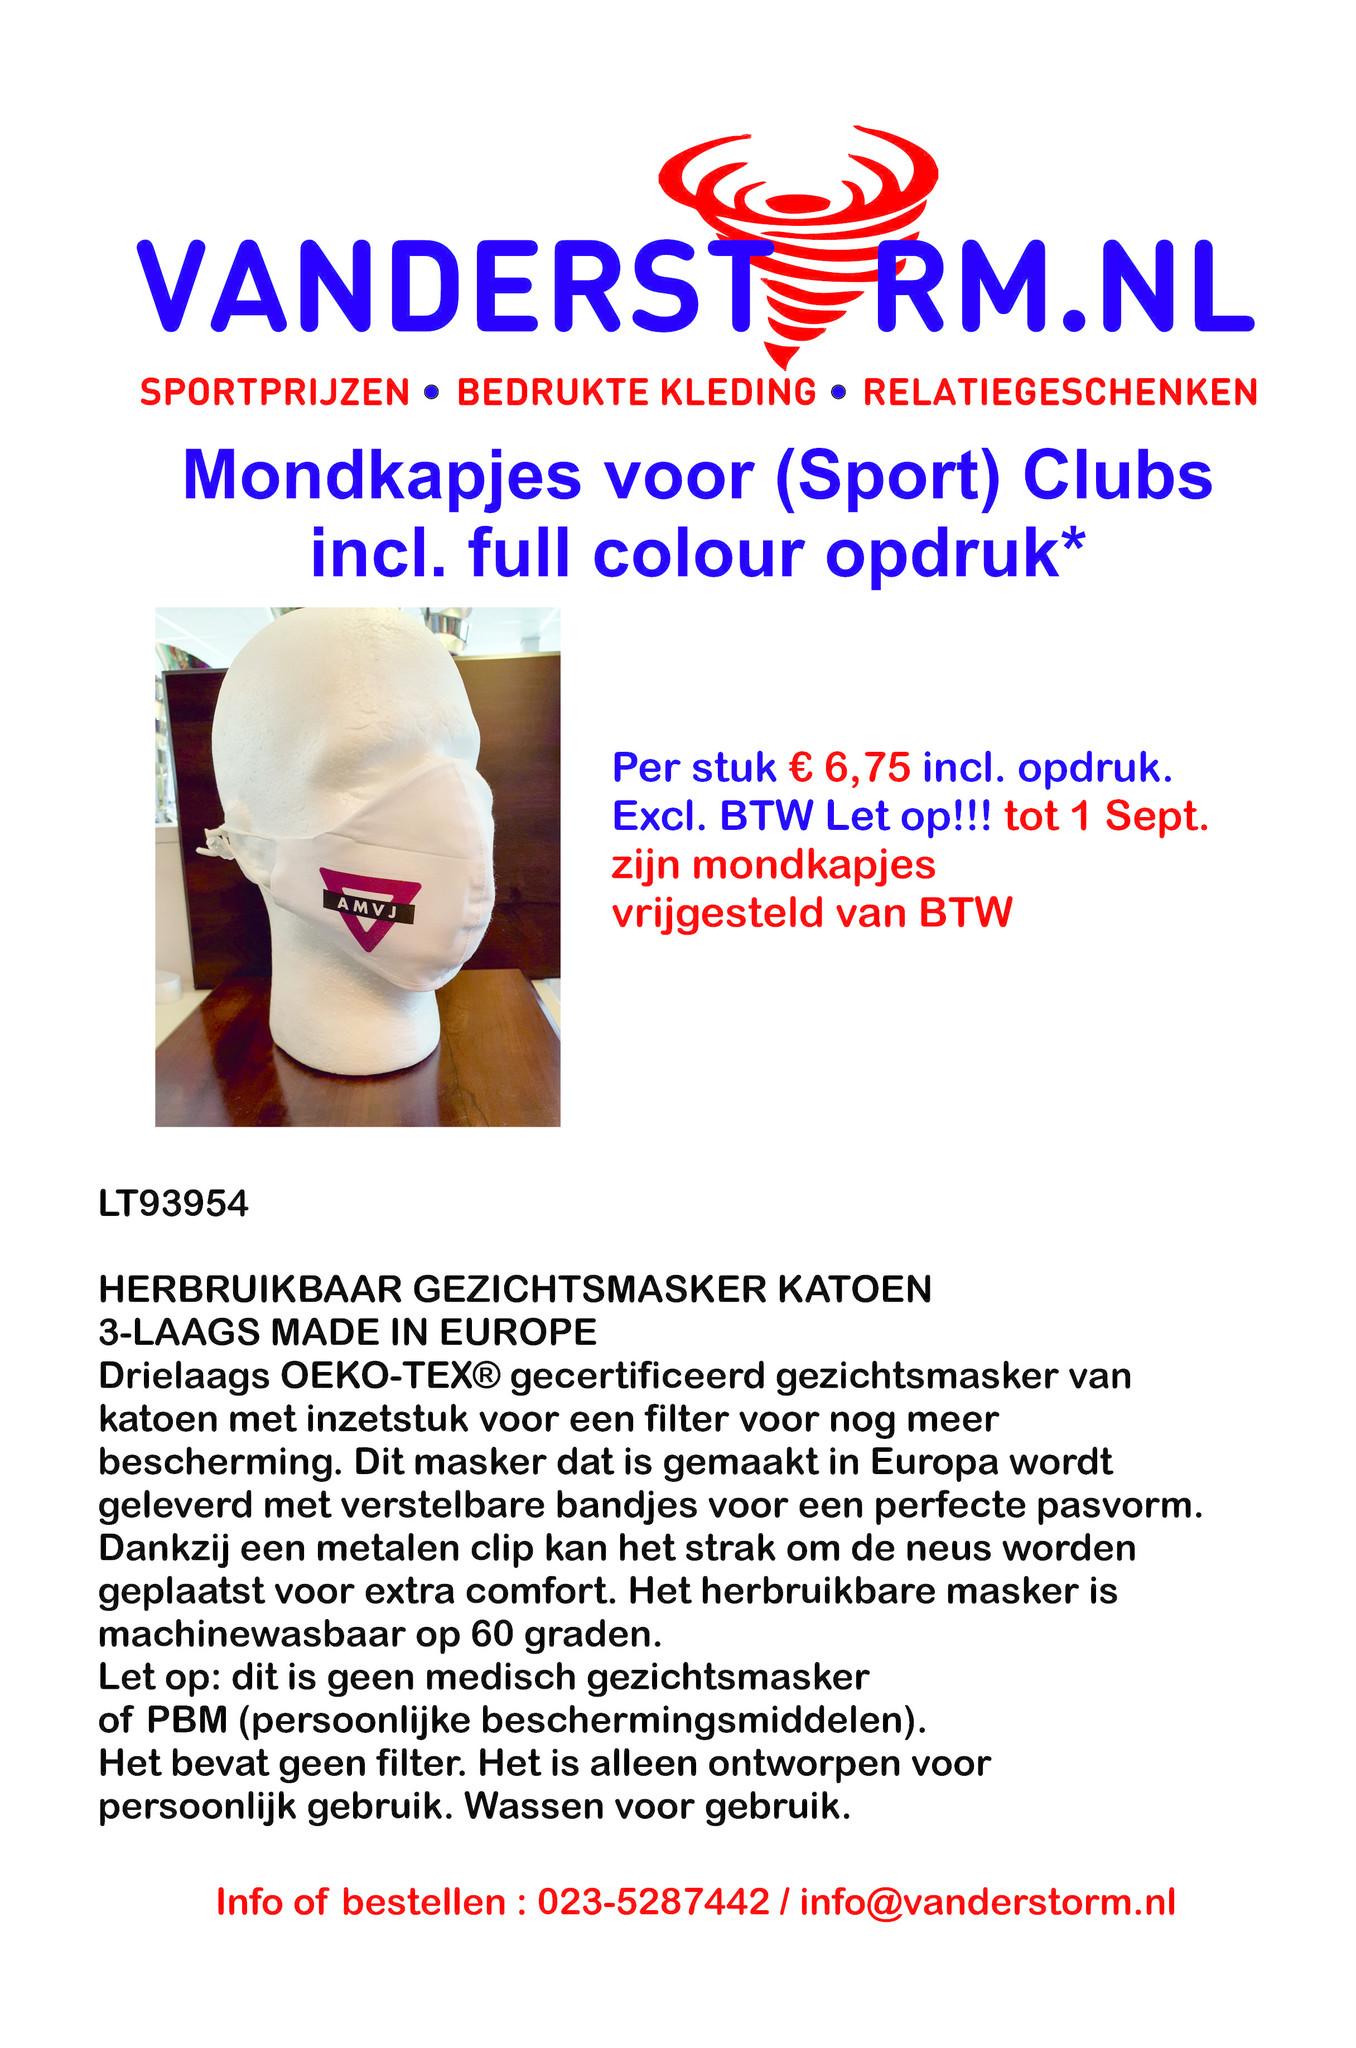 Mondkapje voor clubs